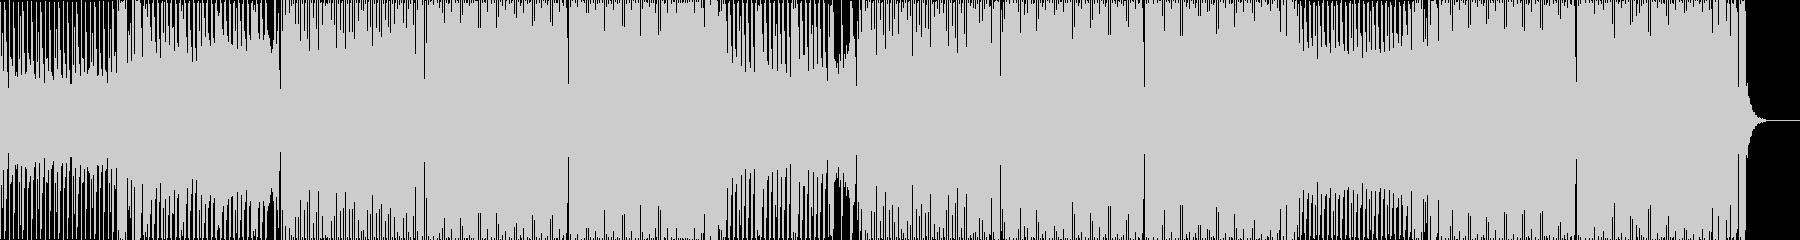 重低音なクラブ系EDMダンスミュージックの未再生の波形